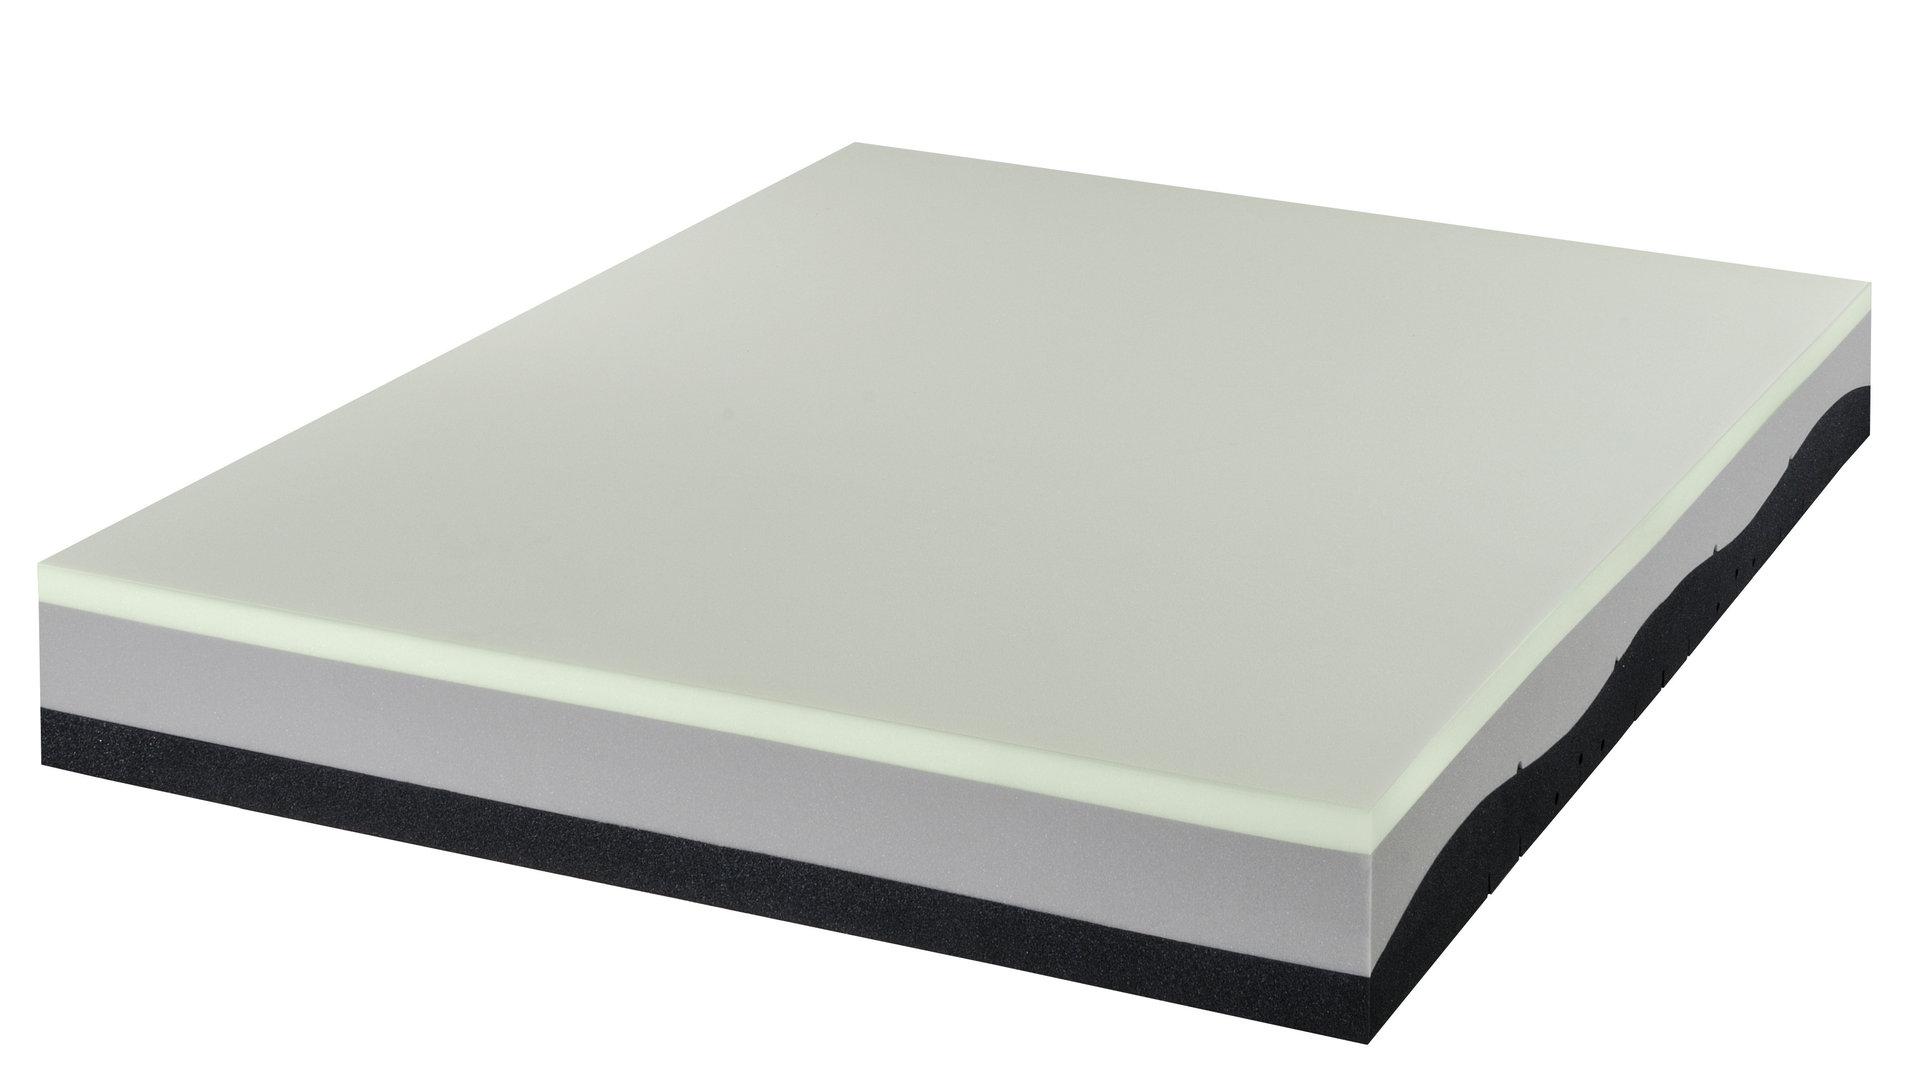 COLCHÓN CASHMERE - 135 x 190 cm